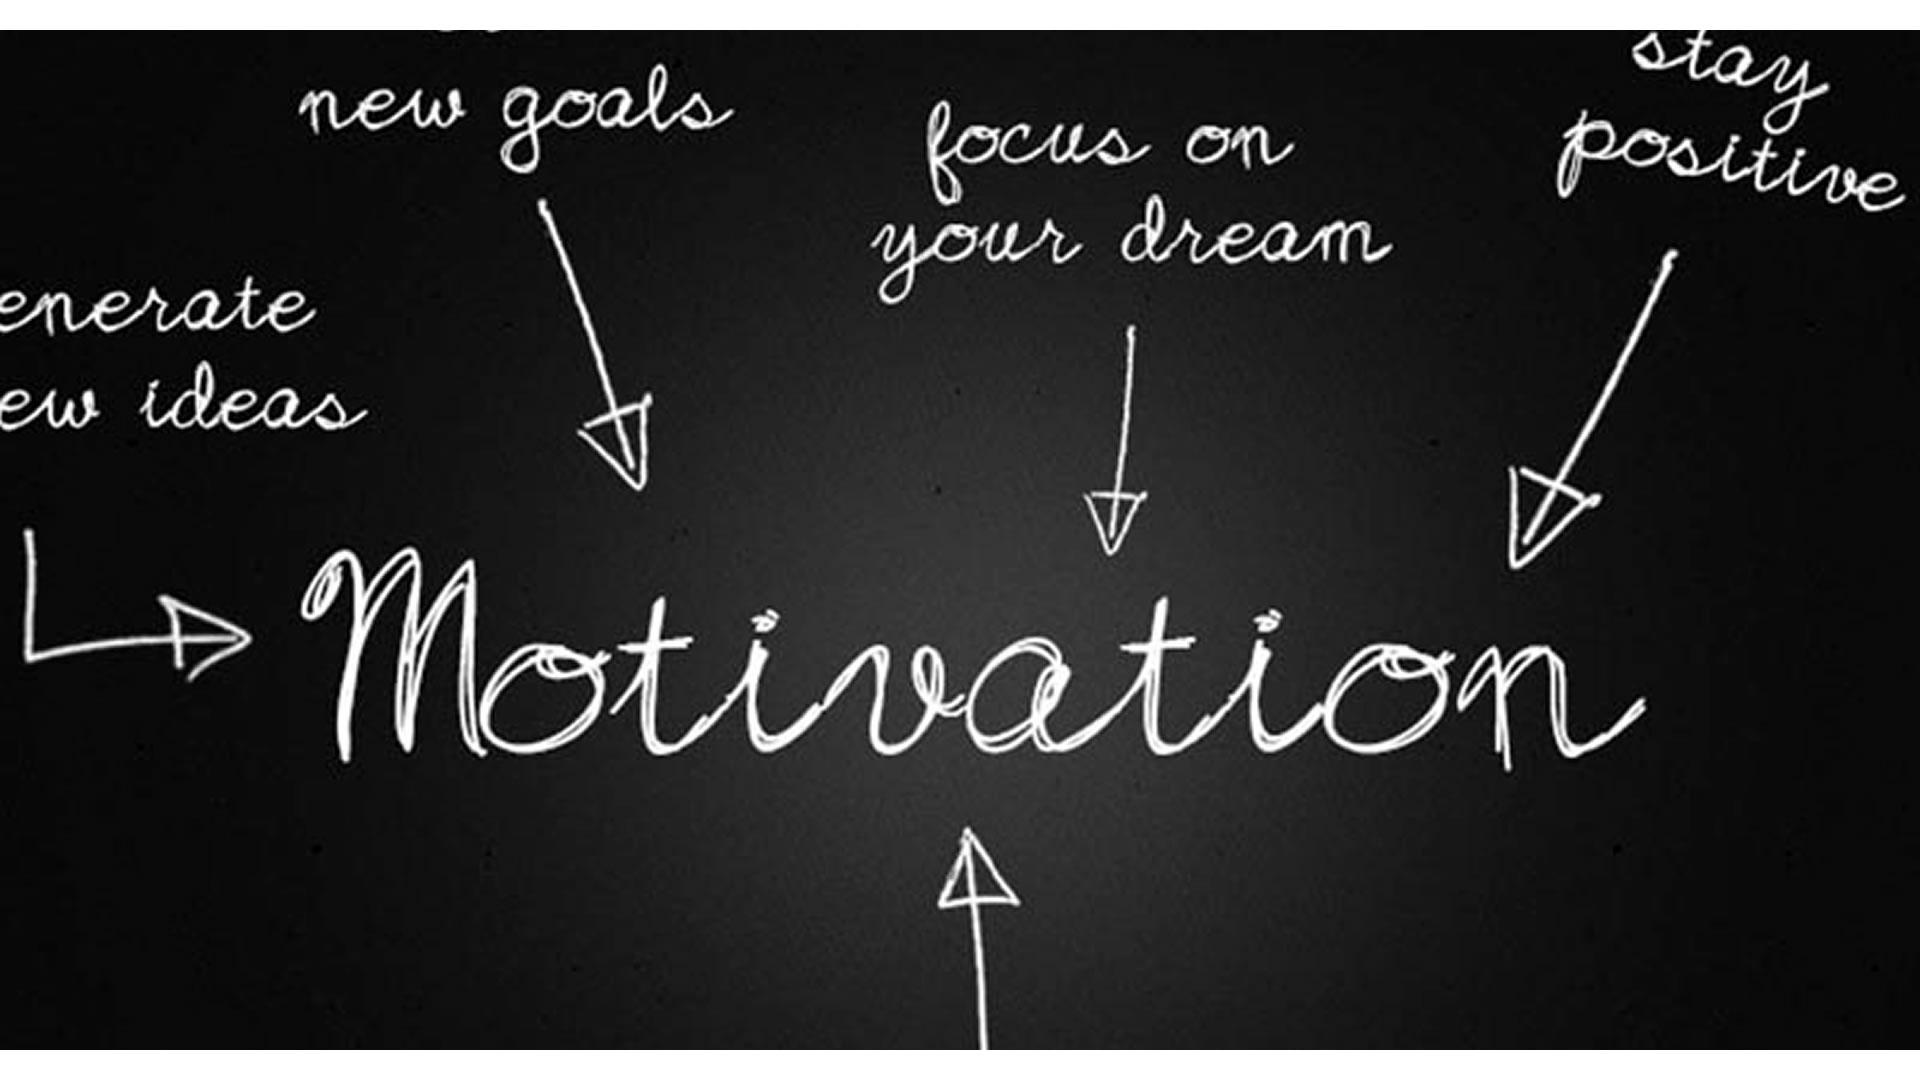 opțiuni ca motivație